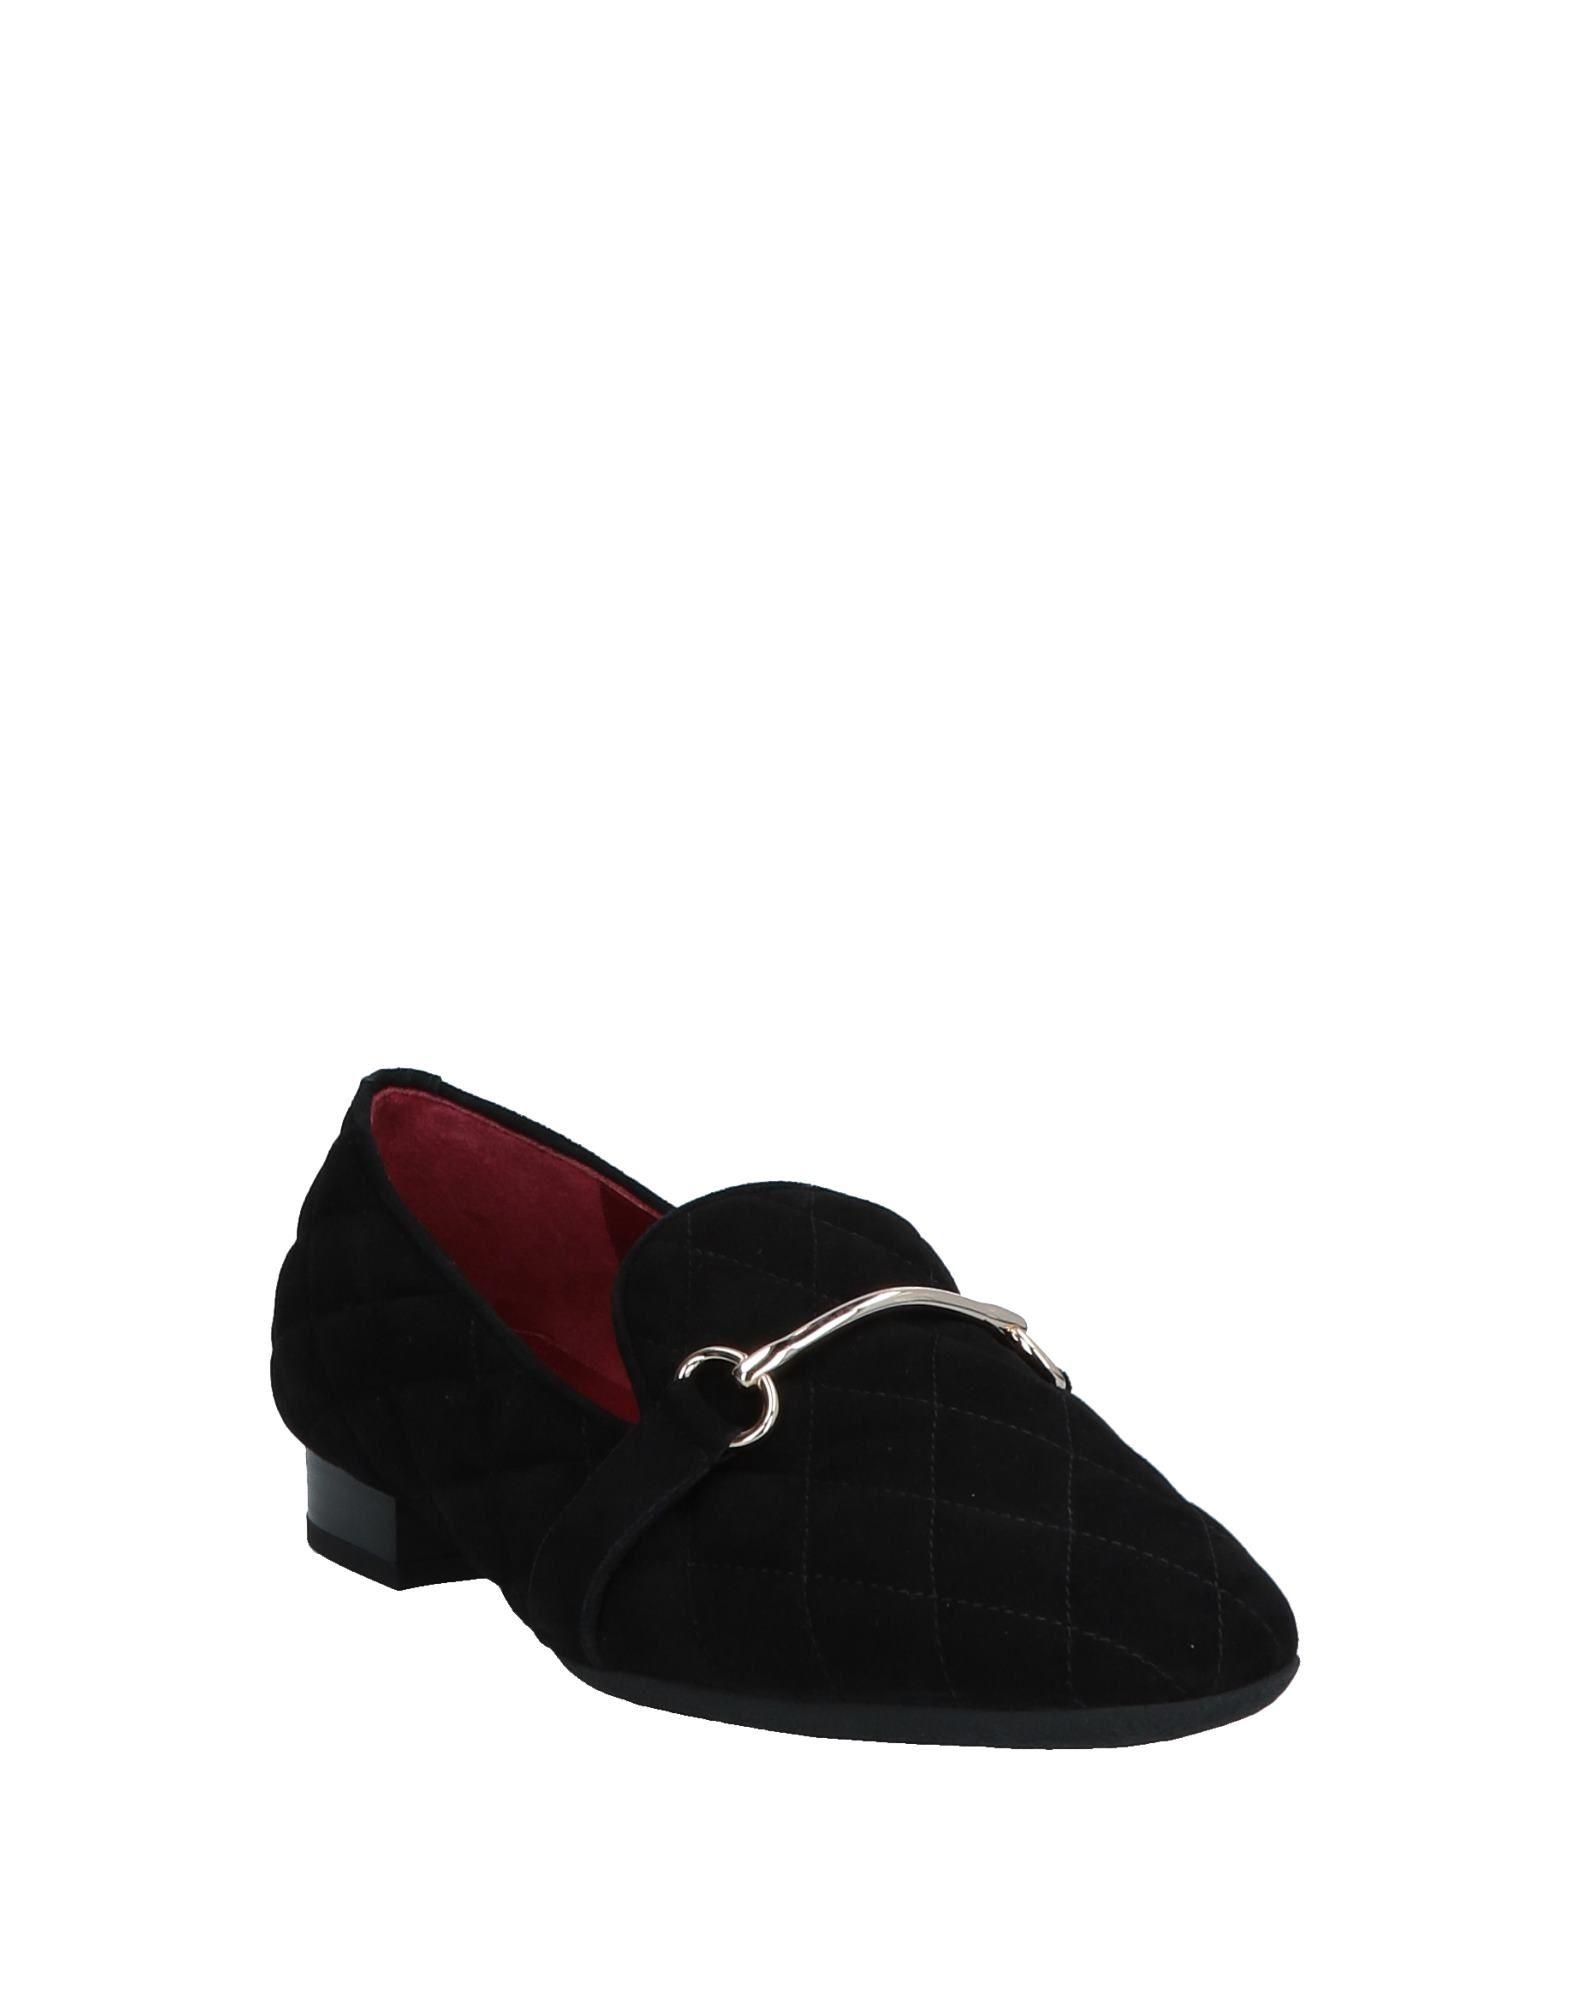 Voltan Mokassins beliebte Damen 11573140OA Gute Qualität beliebte Mokassins Schuhe 0630fe